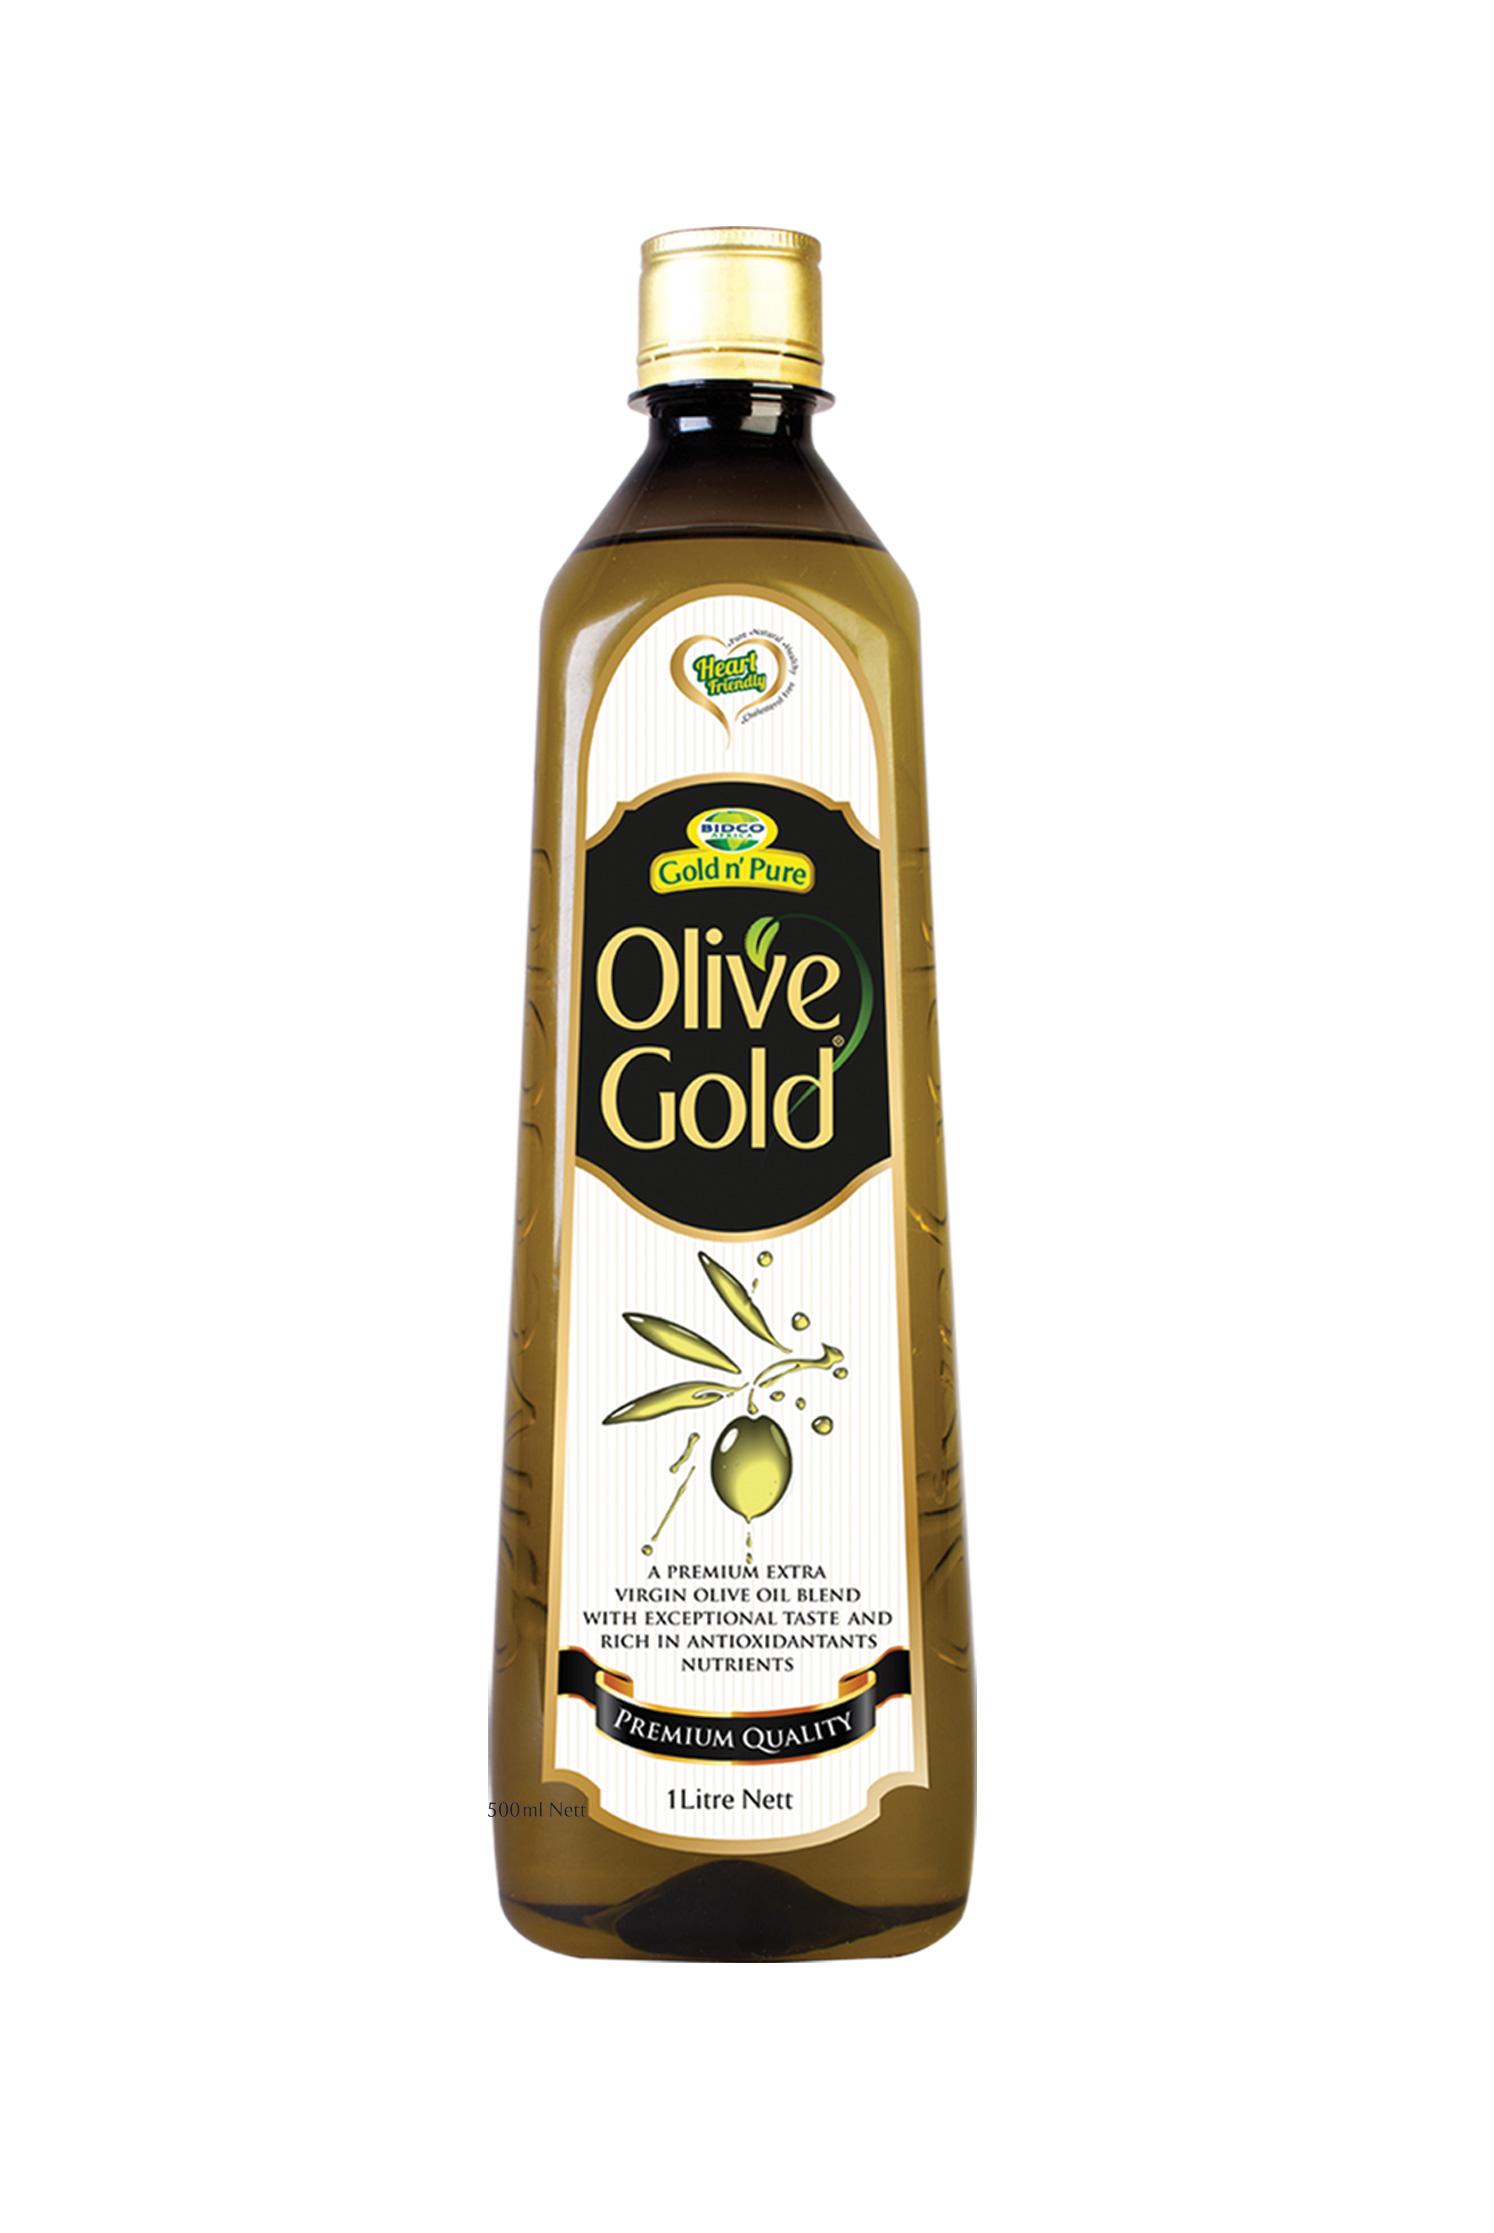 Olive Gold Blend